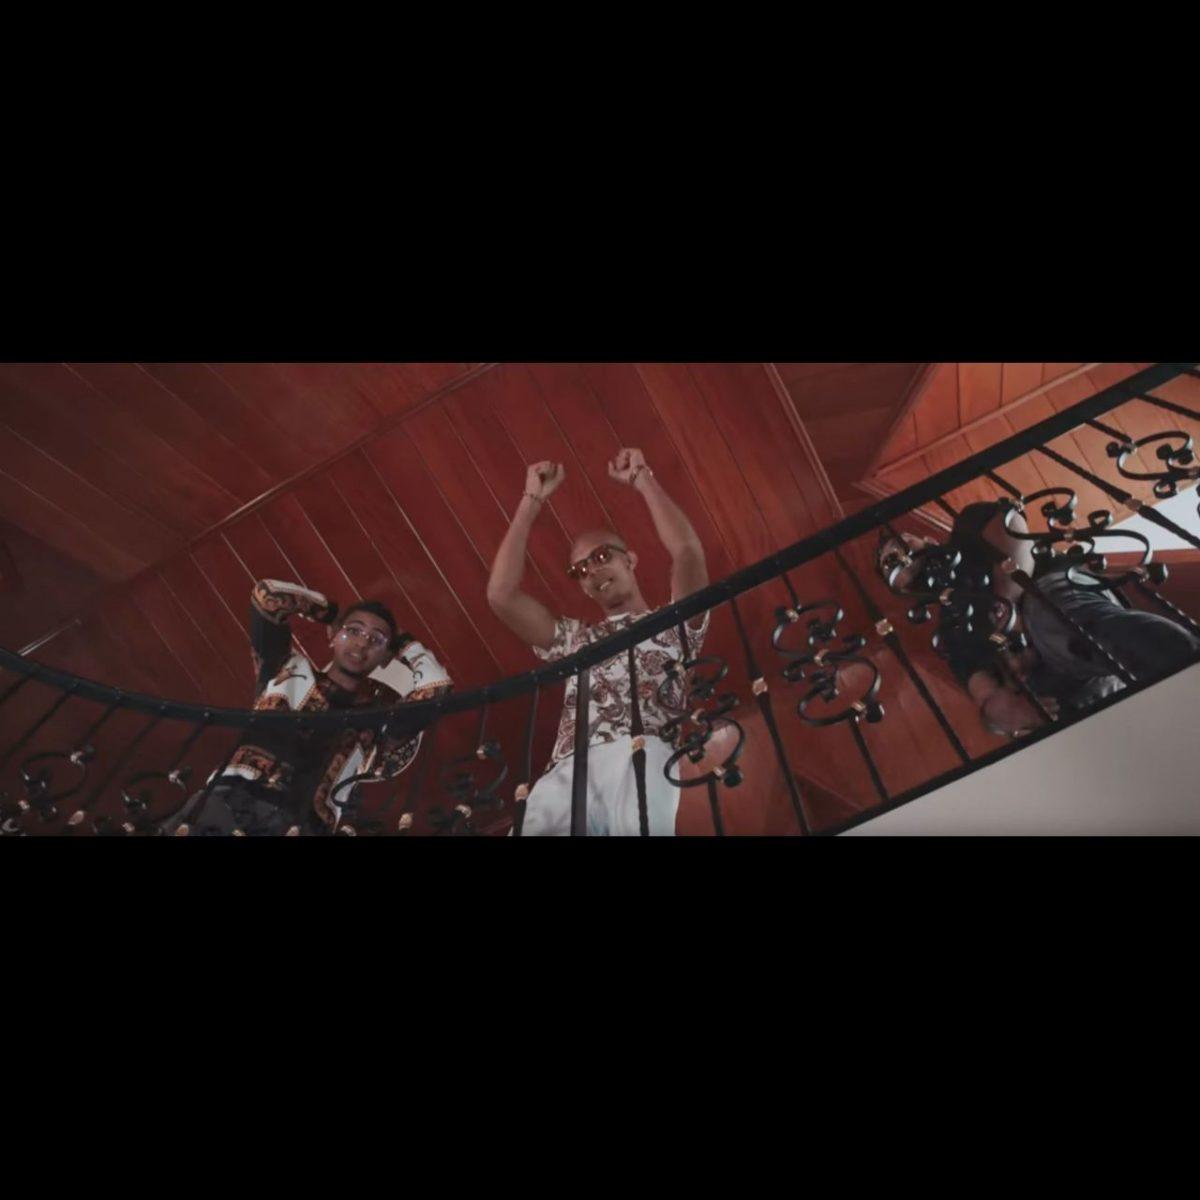 DJ Mimi - Cett la sa trapé (ft. Tatane and T Matt) (Thumbnail)